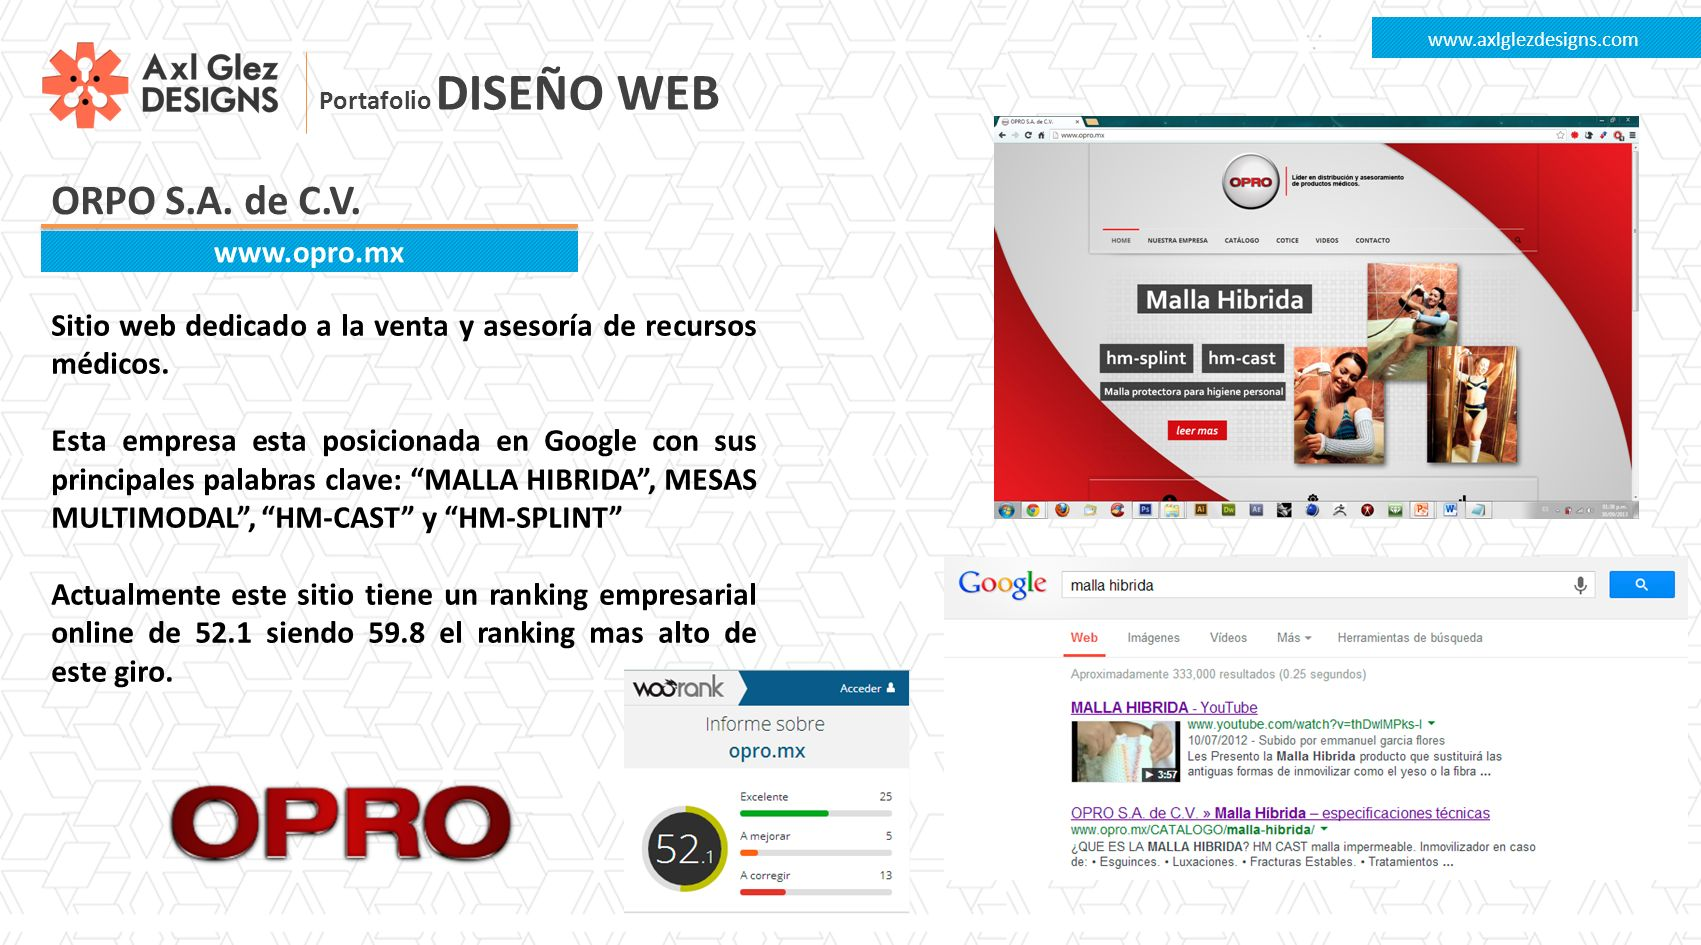 www.axlglezdesigns.com Portafolio DISEÑO WEB. ORPO S.A. de C.V. www.opro.mx. Sitio web dedicado a la venta y asesoría de recursos médicos.